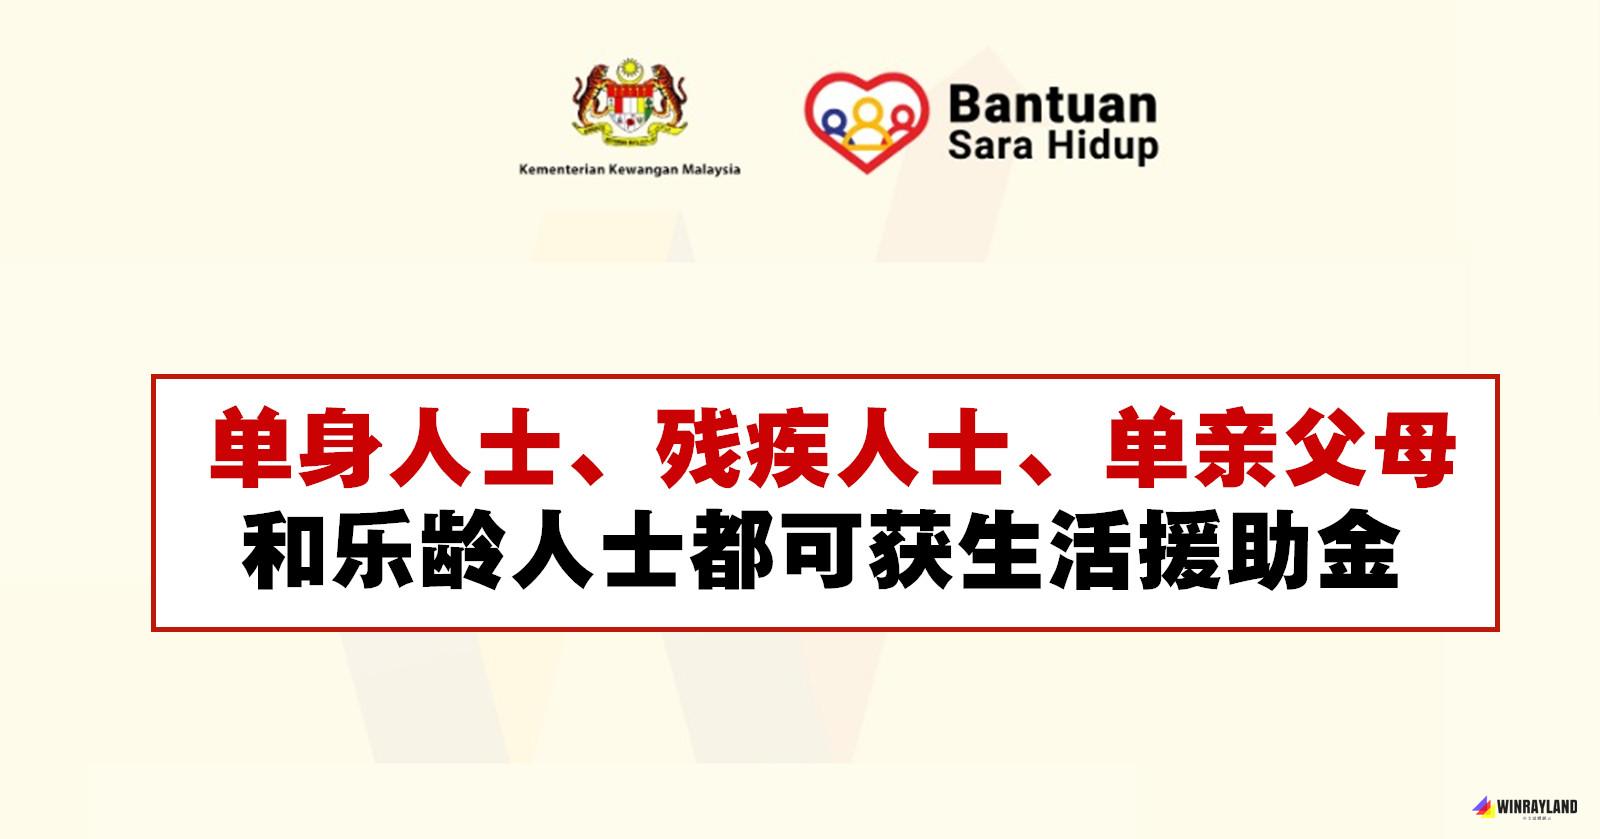 单身人士、残疾人士、单亲父母和乐龄人士都可获生活援助金